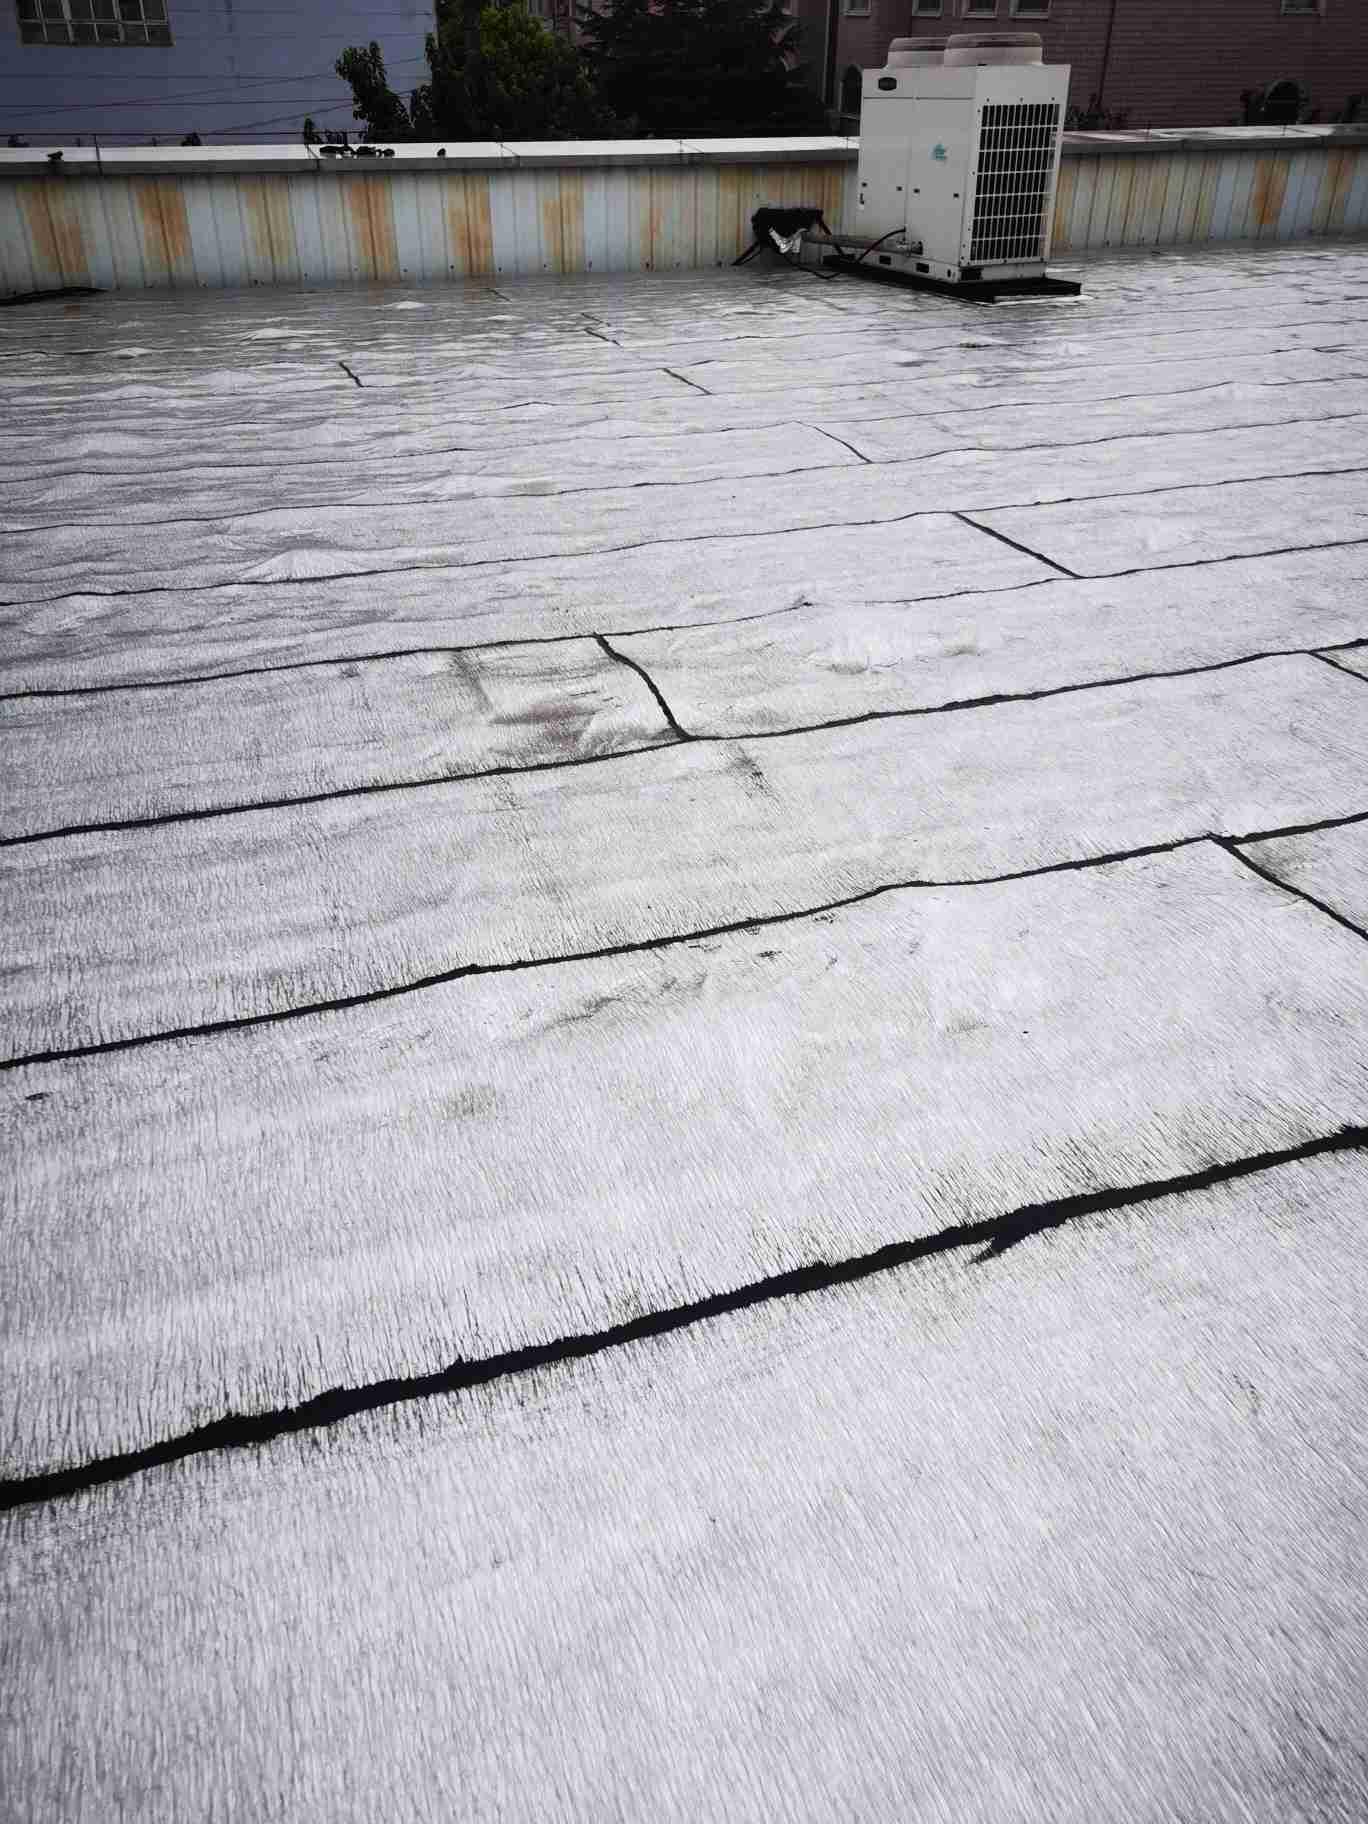 无锡市防水公司一江阴市厂房防水补漏排查漏水缘由